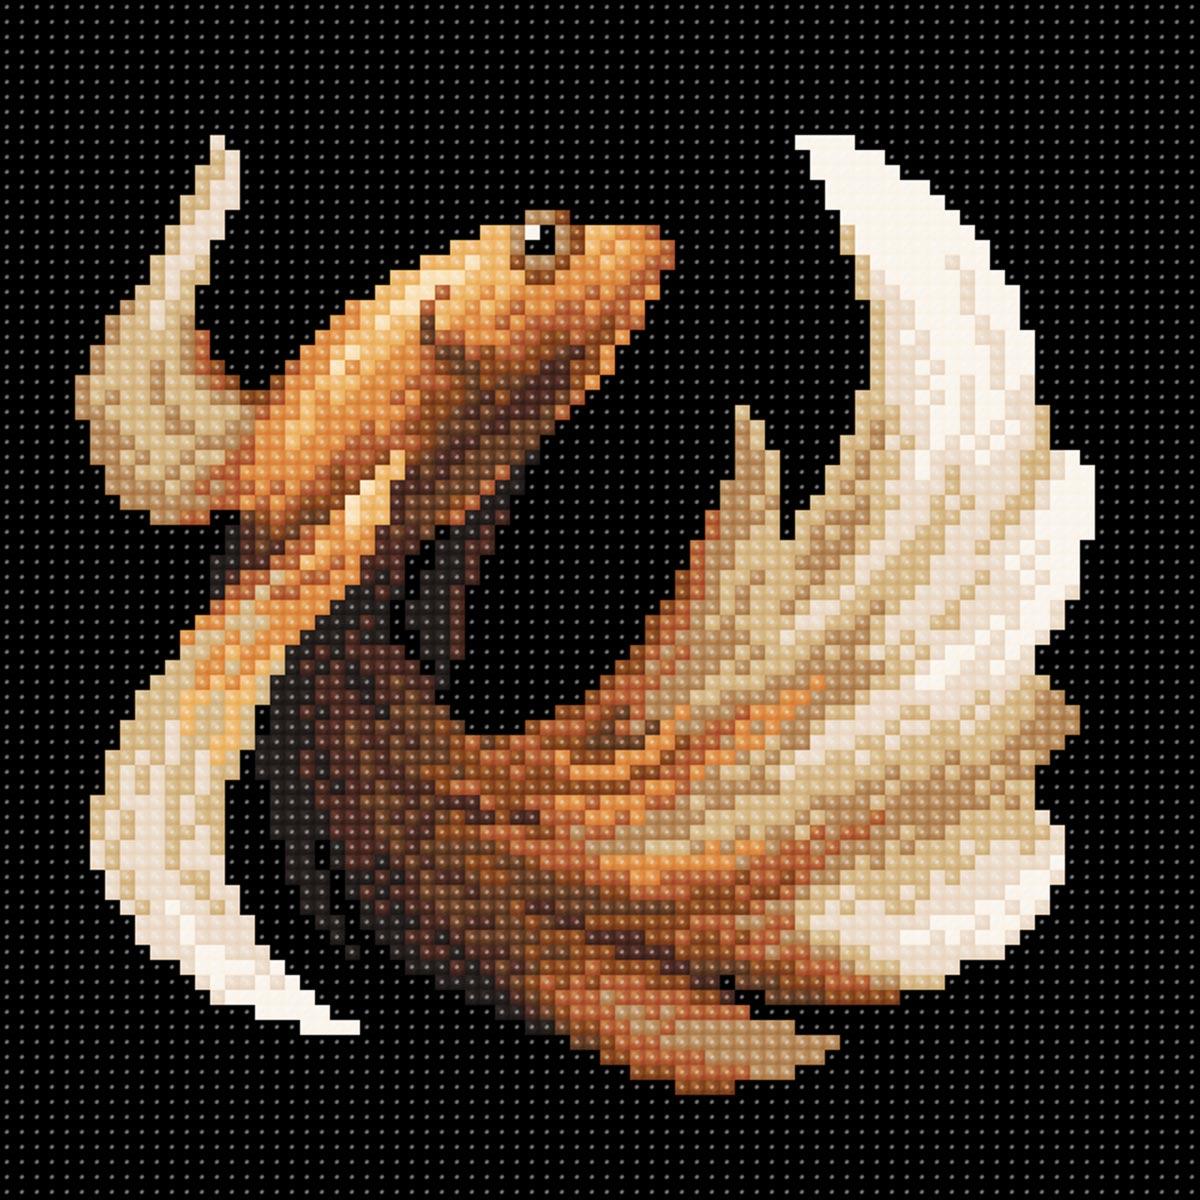 МС 058 Алмазная мозаика 'Рыбка золотая'20*20см Brilliart